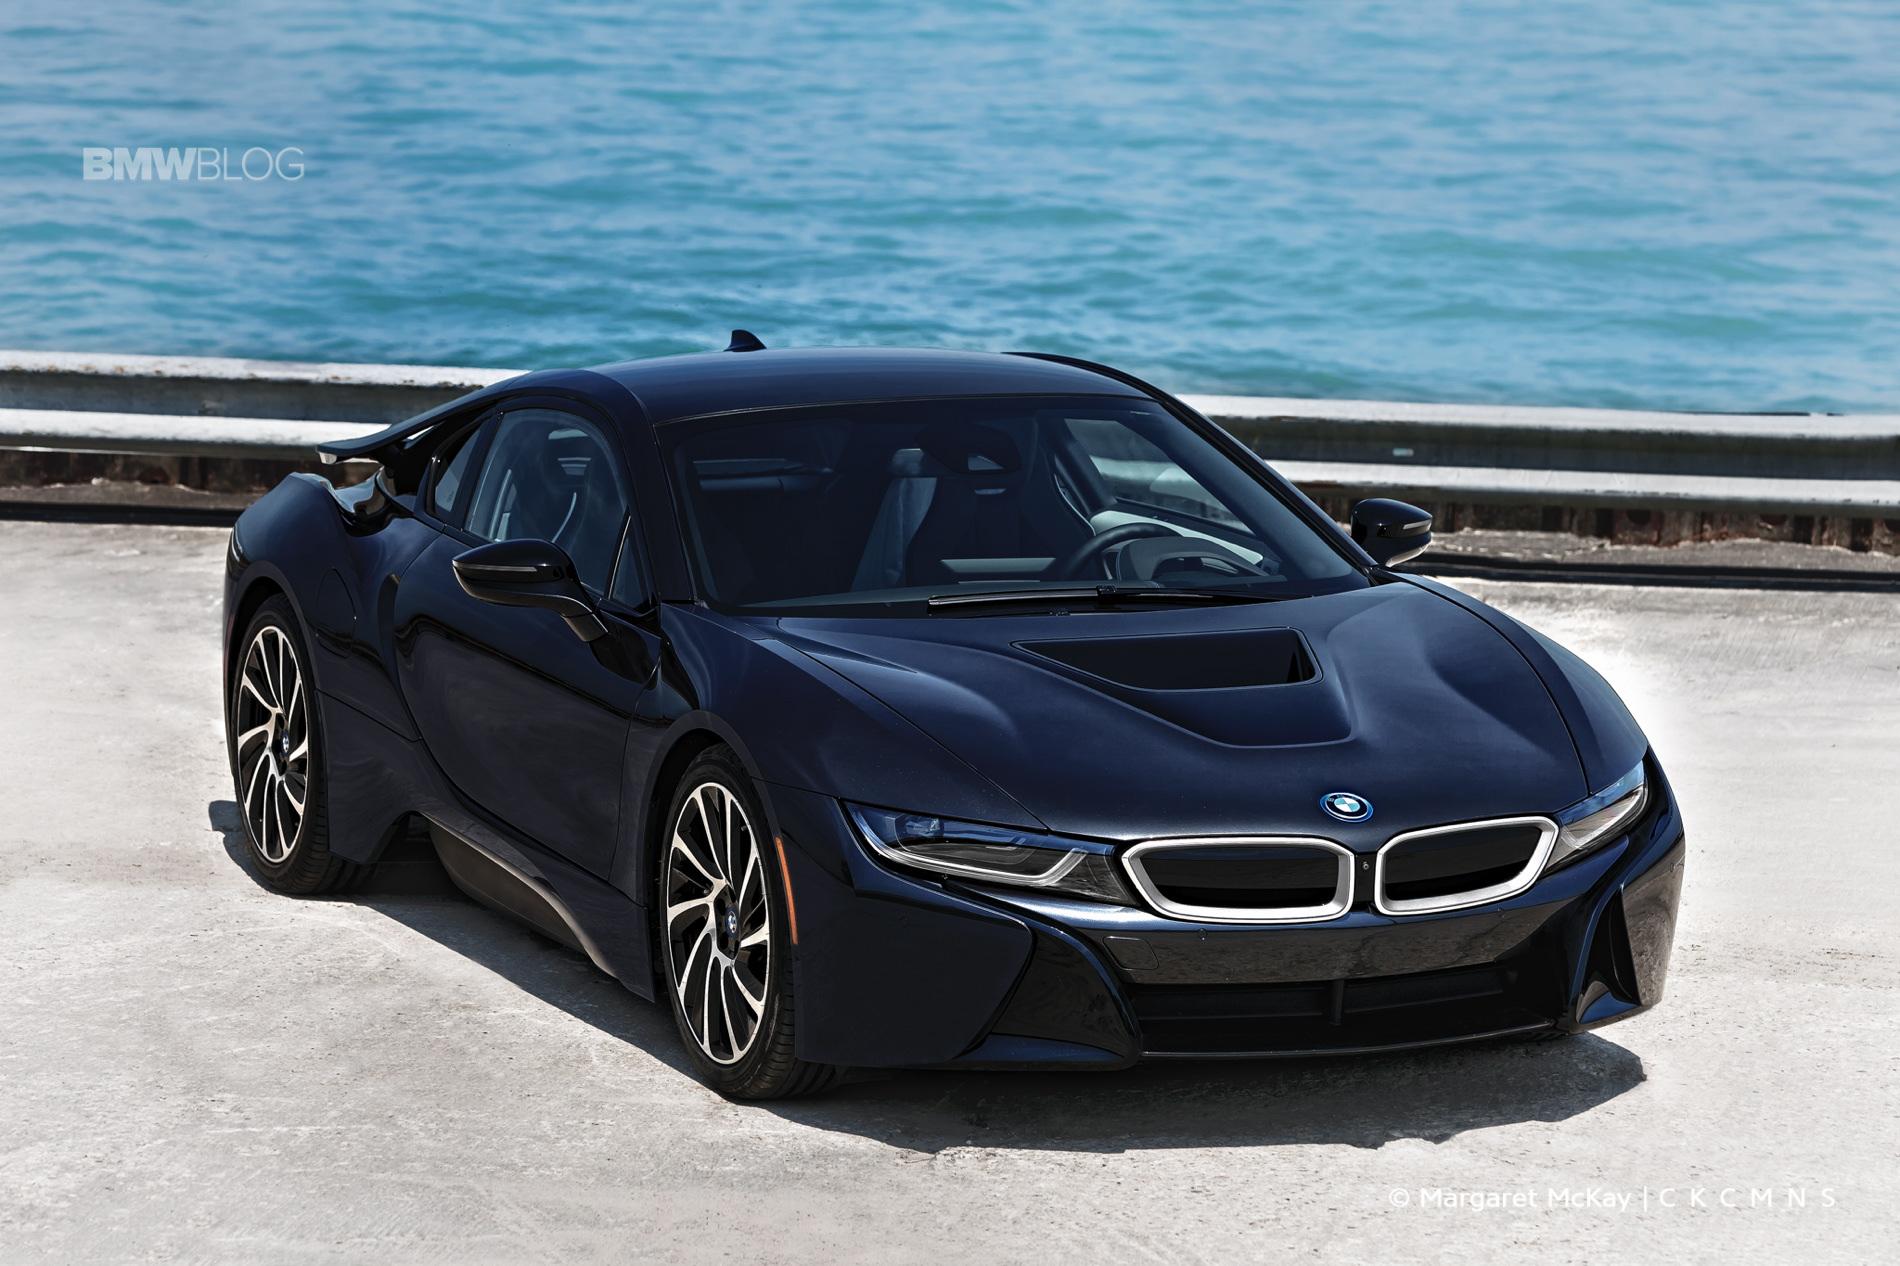 2015 BMW i8 Test Drive 1900x1200 7